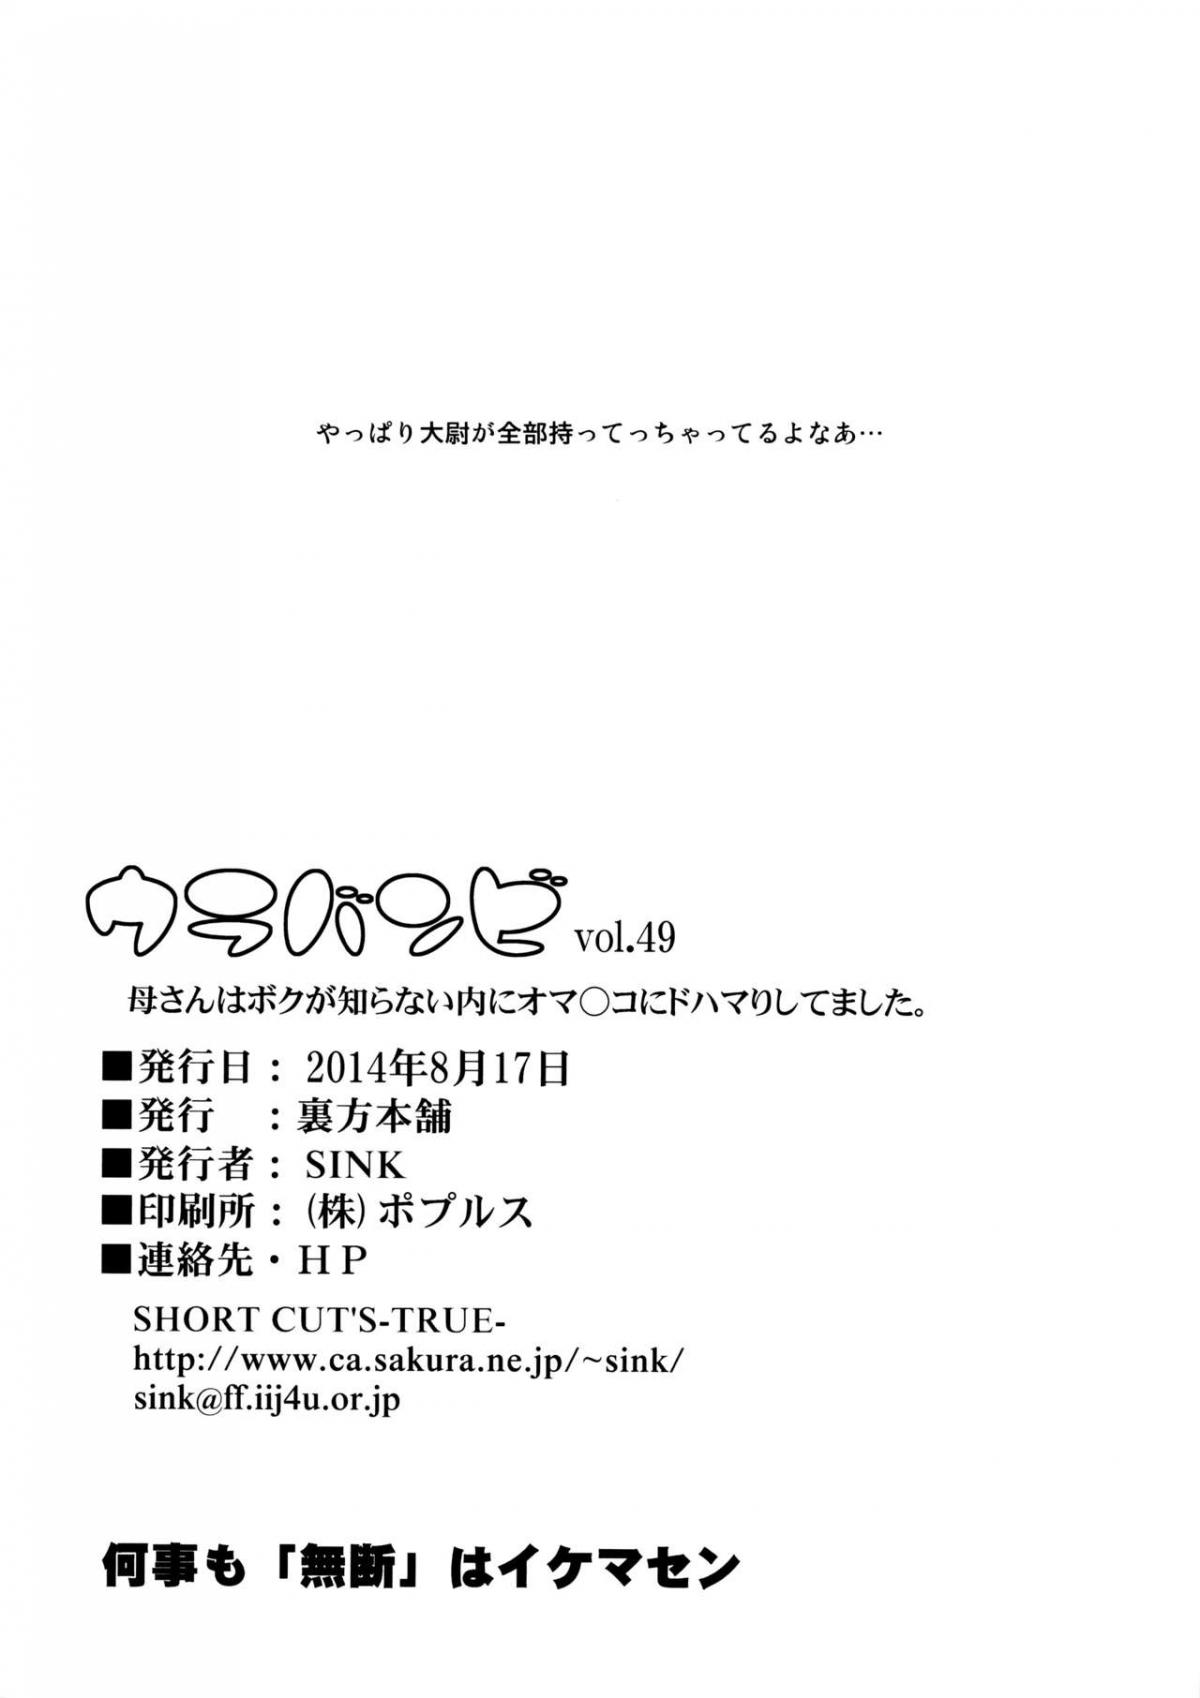 HentaiVN.net - Ảnh 26 - Kaa-san wa Boku ga Shiranai Uchi ni Omanko ni DoHamari shite mashita (Gundam Build Fighters) - Urabambi 49 ~Kaa-San Wa Boku Ga Shiranai Uchi Ni Omanko Ni DoHamari Shite Mashita. - Oneshot